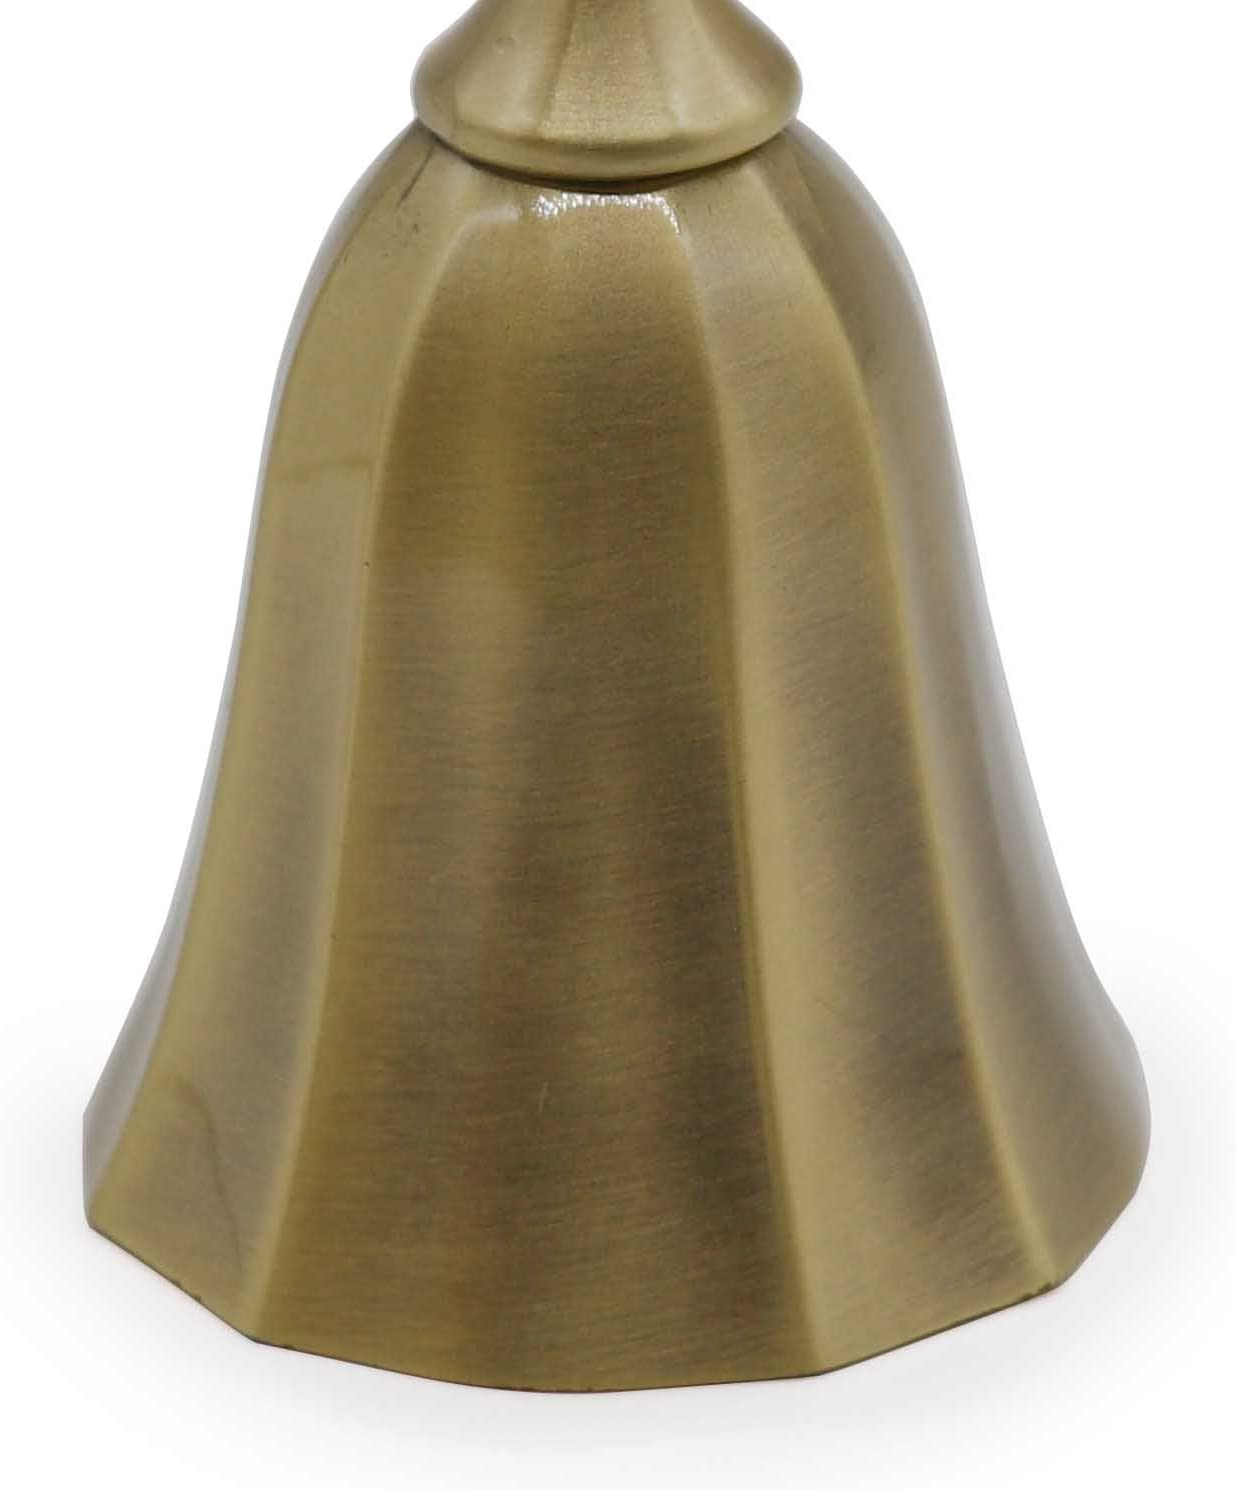 Metal Loud Call Bell Alarm Hand Held Service Call Bell Desktop Bell Tea Dinner Bell Game Bell AVESON Hand Bell Bronze Christams Bell